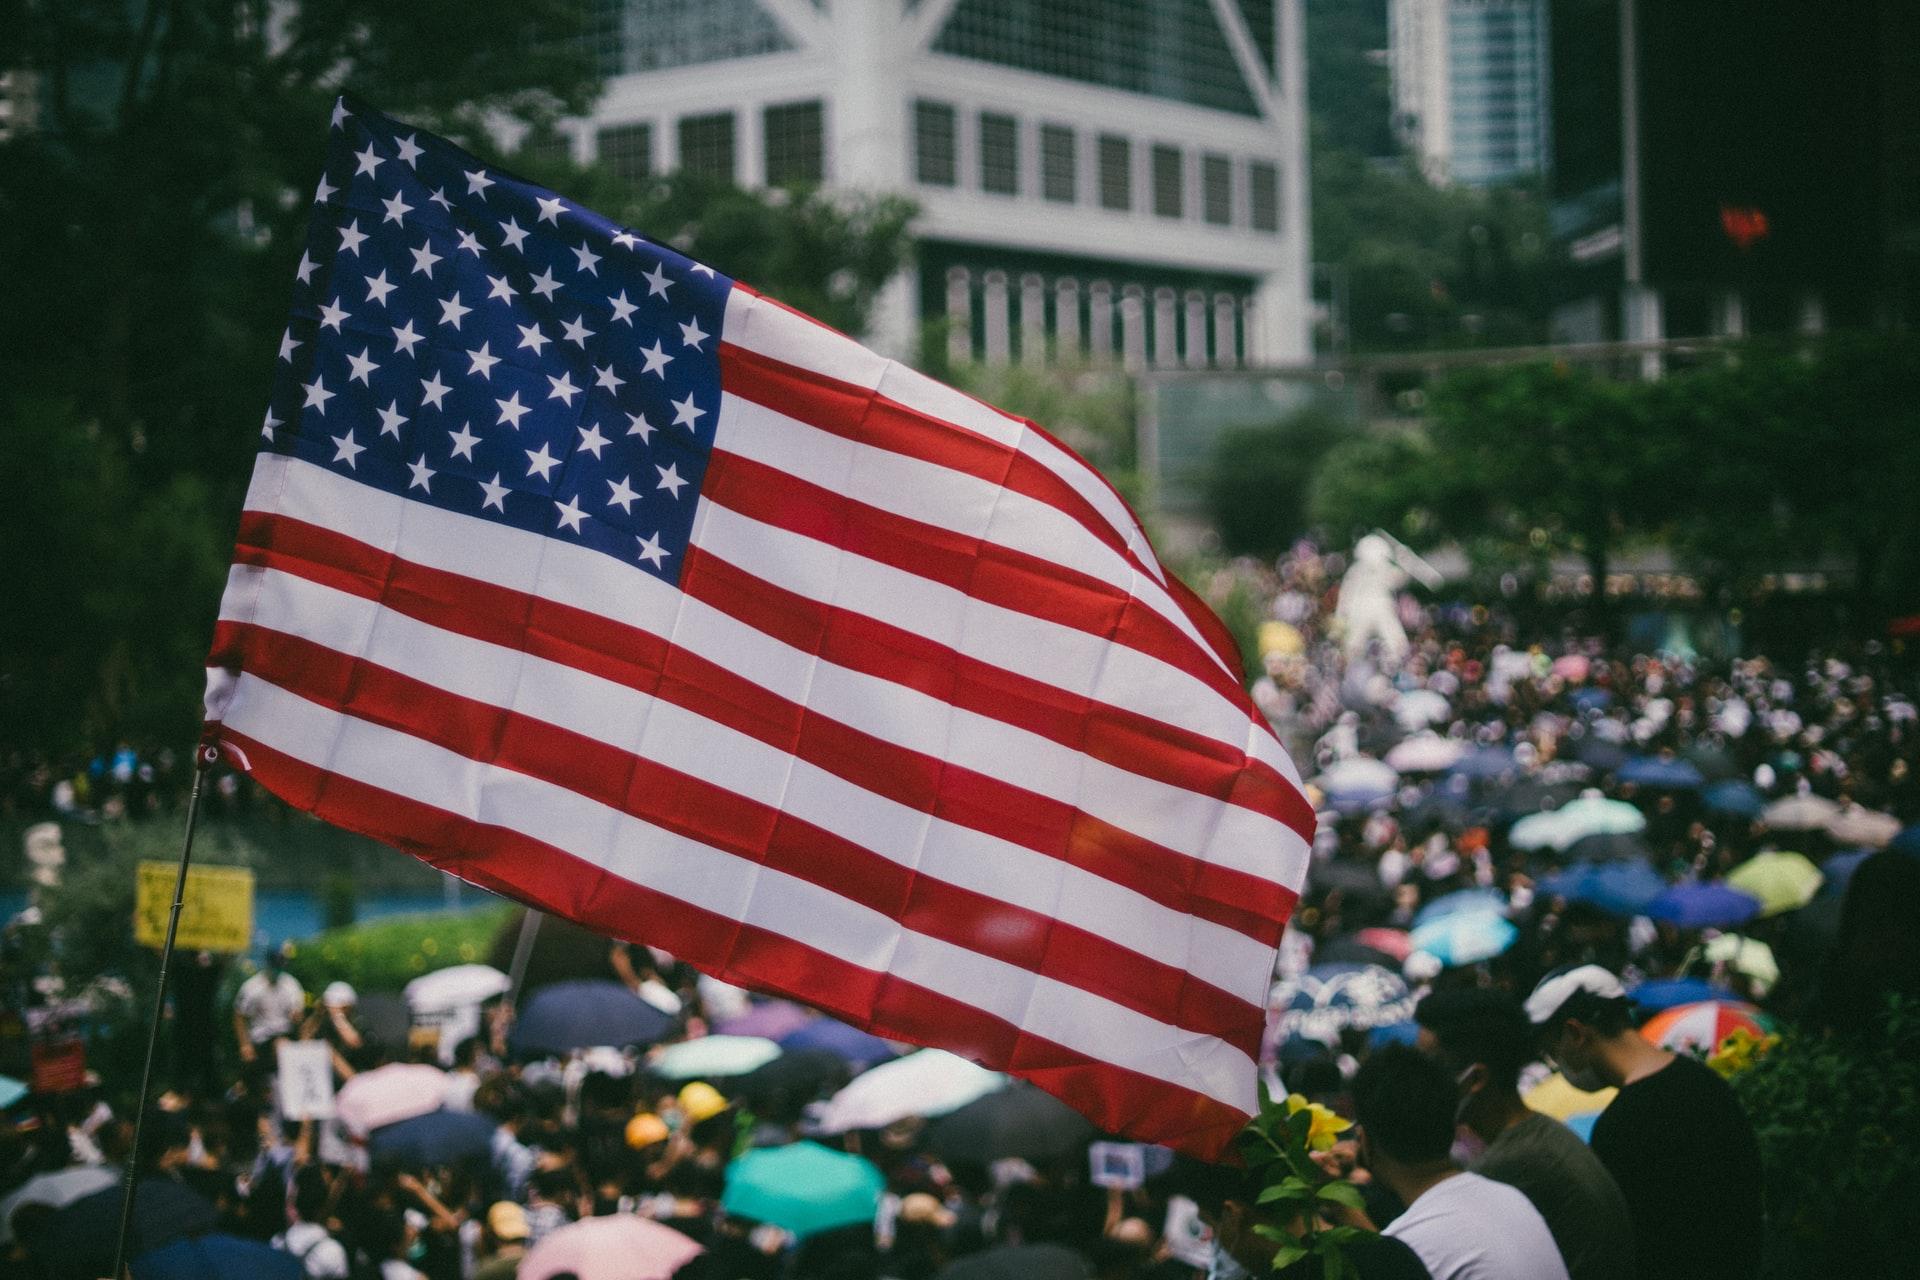 TESTE: Você consegue reconhecer as bandeiras dos estados dos EUA?